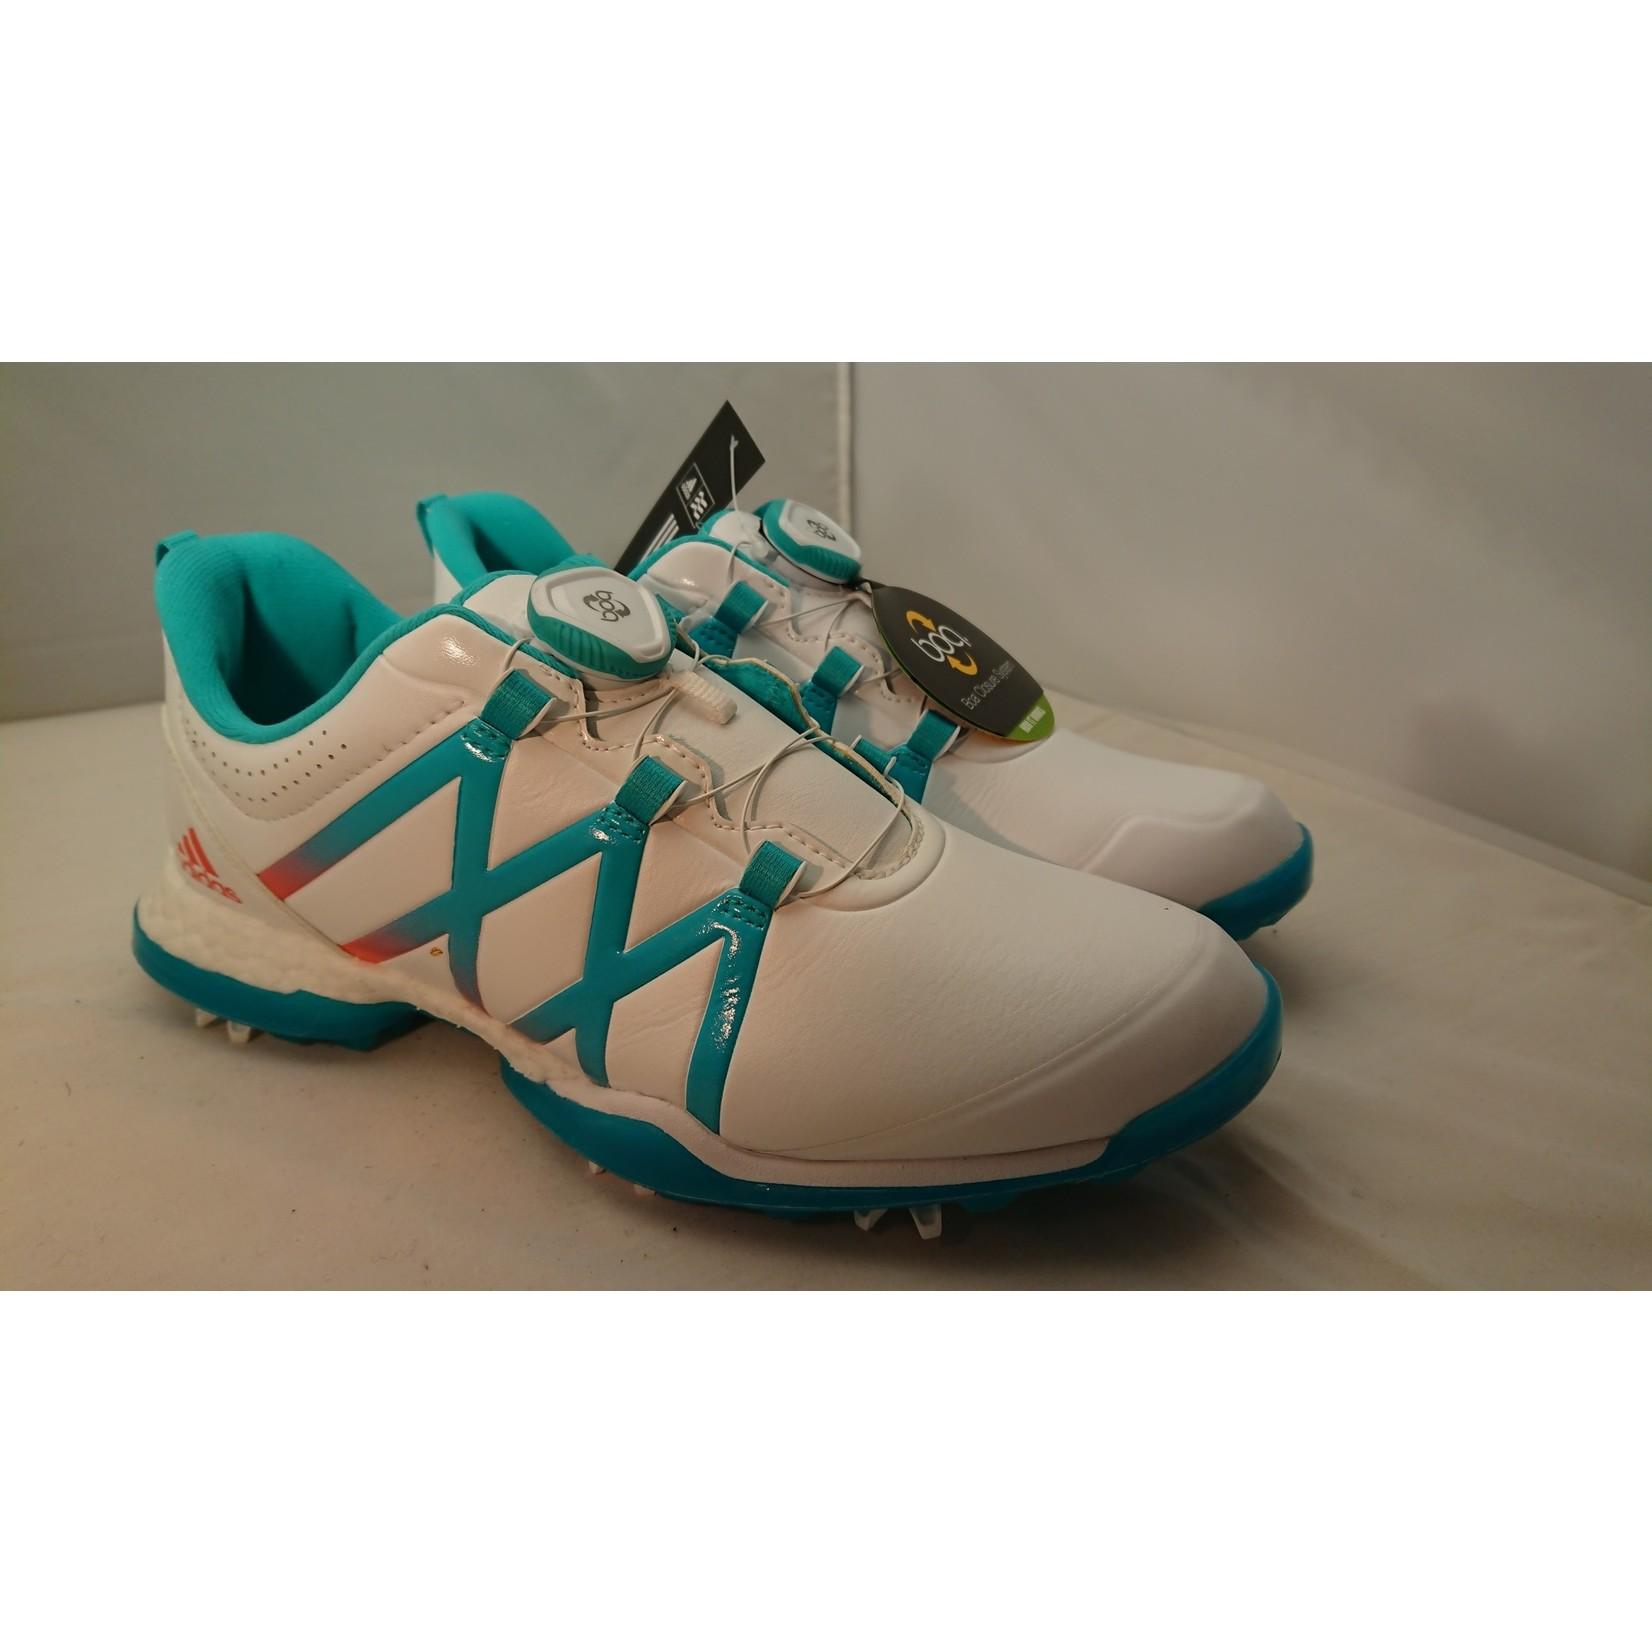 Adidas Adidas Power Boost Boa Wit 38 /UK 5